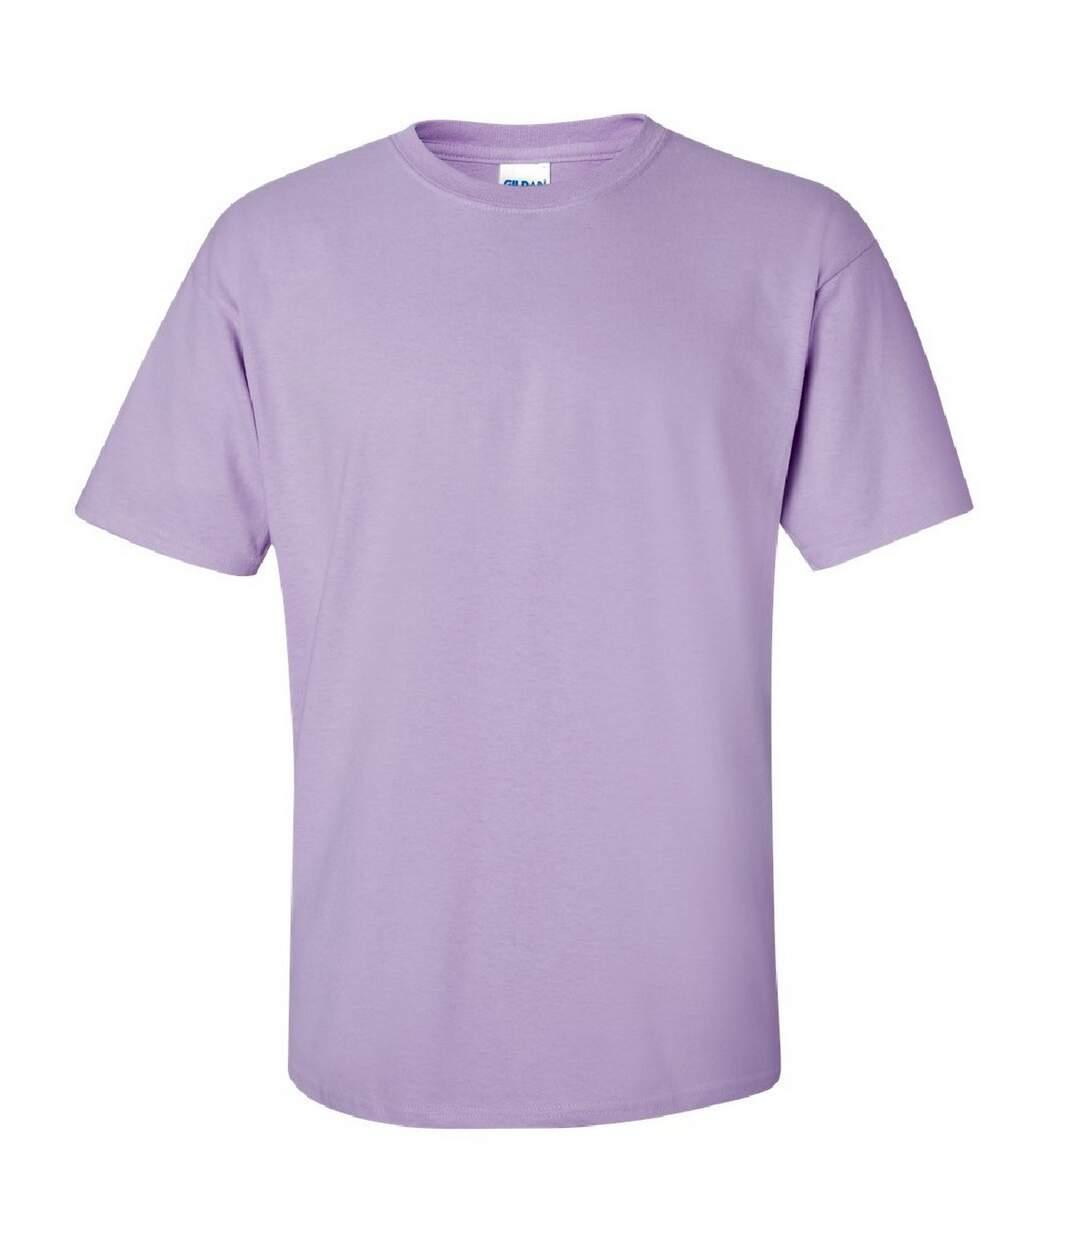 Gildan Mens Ultra Cotton Short Sleeve T-Shirt (Light Pink) - UTBC475